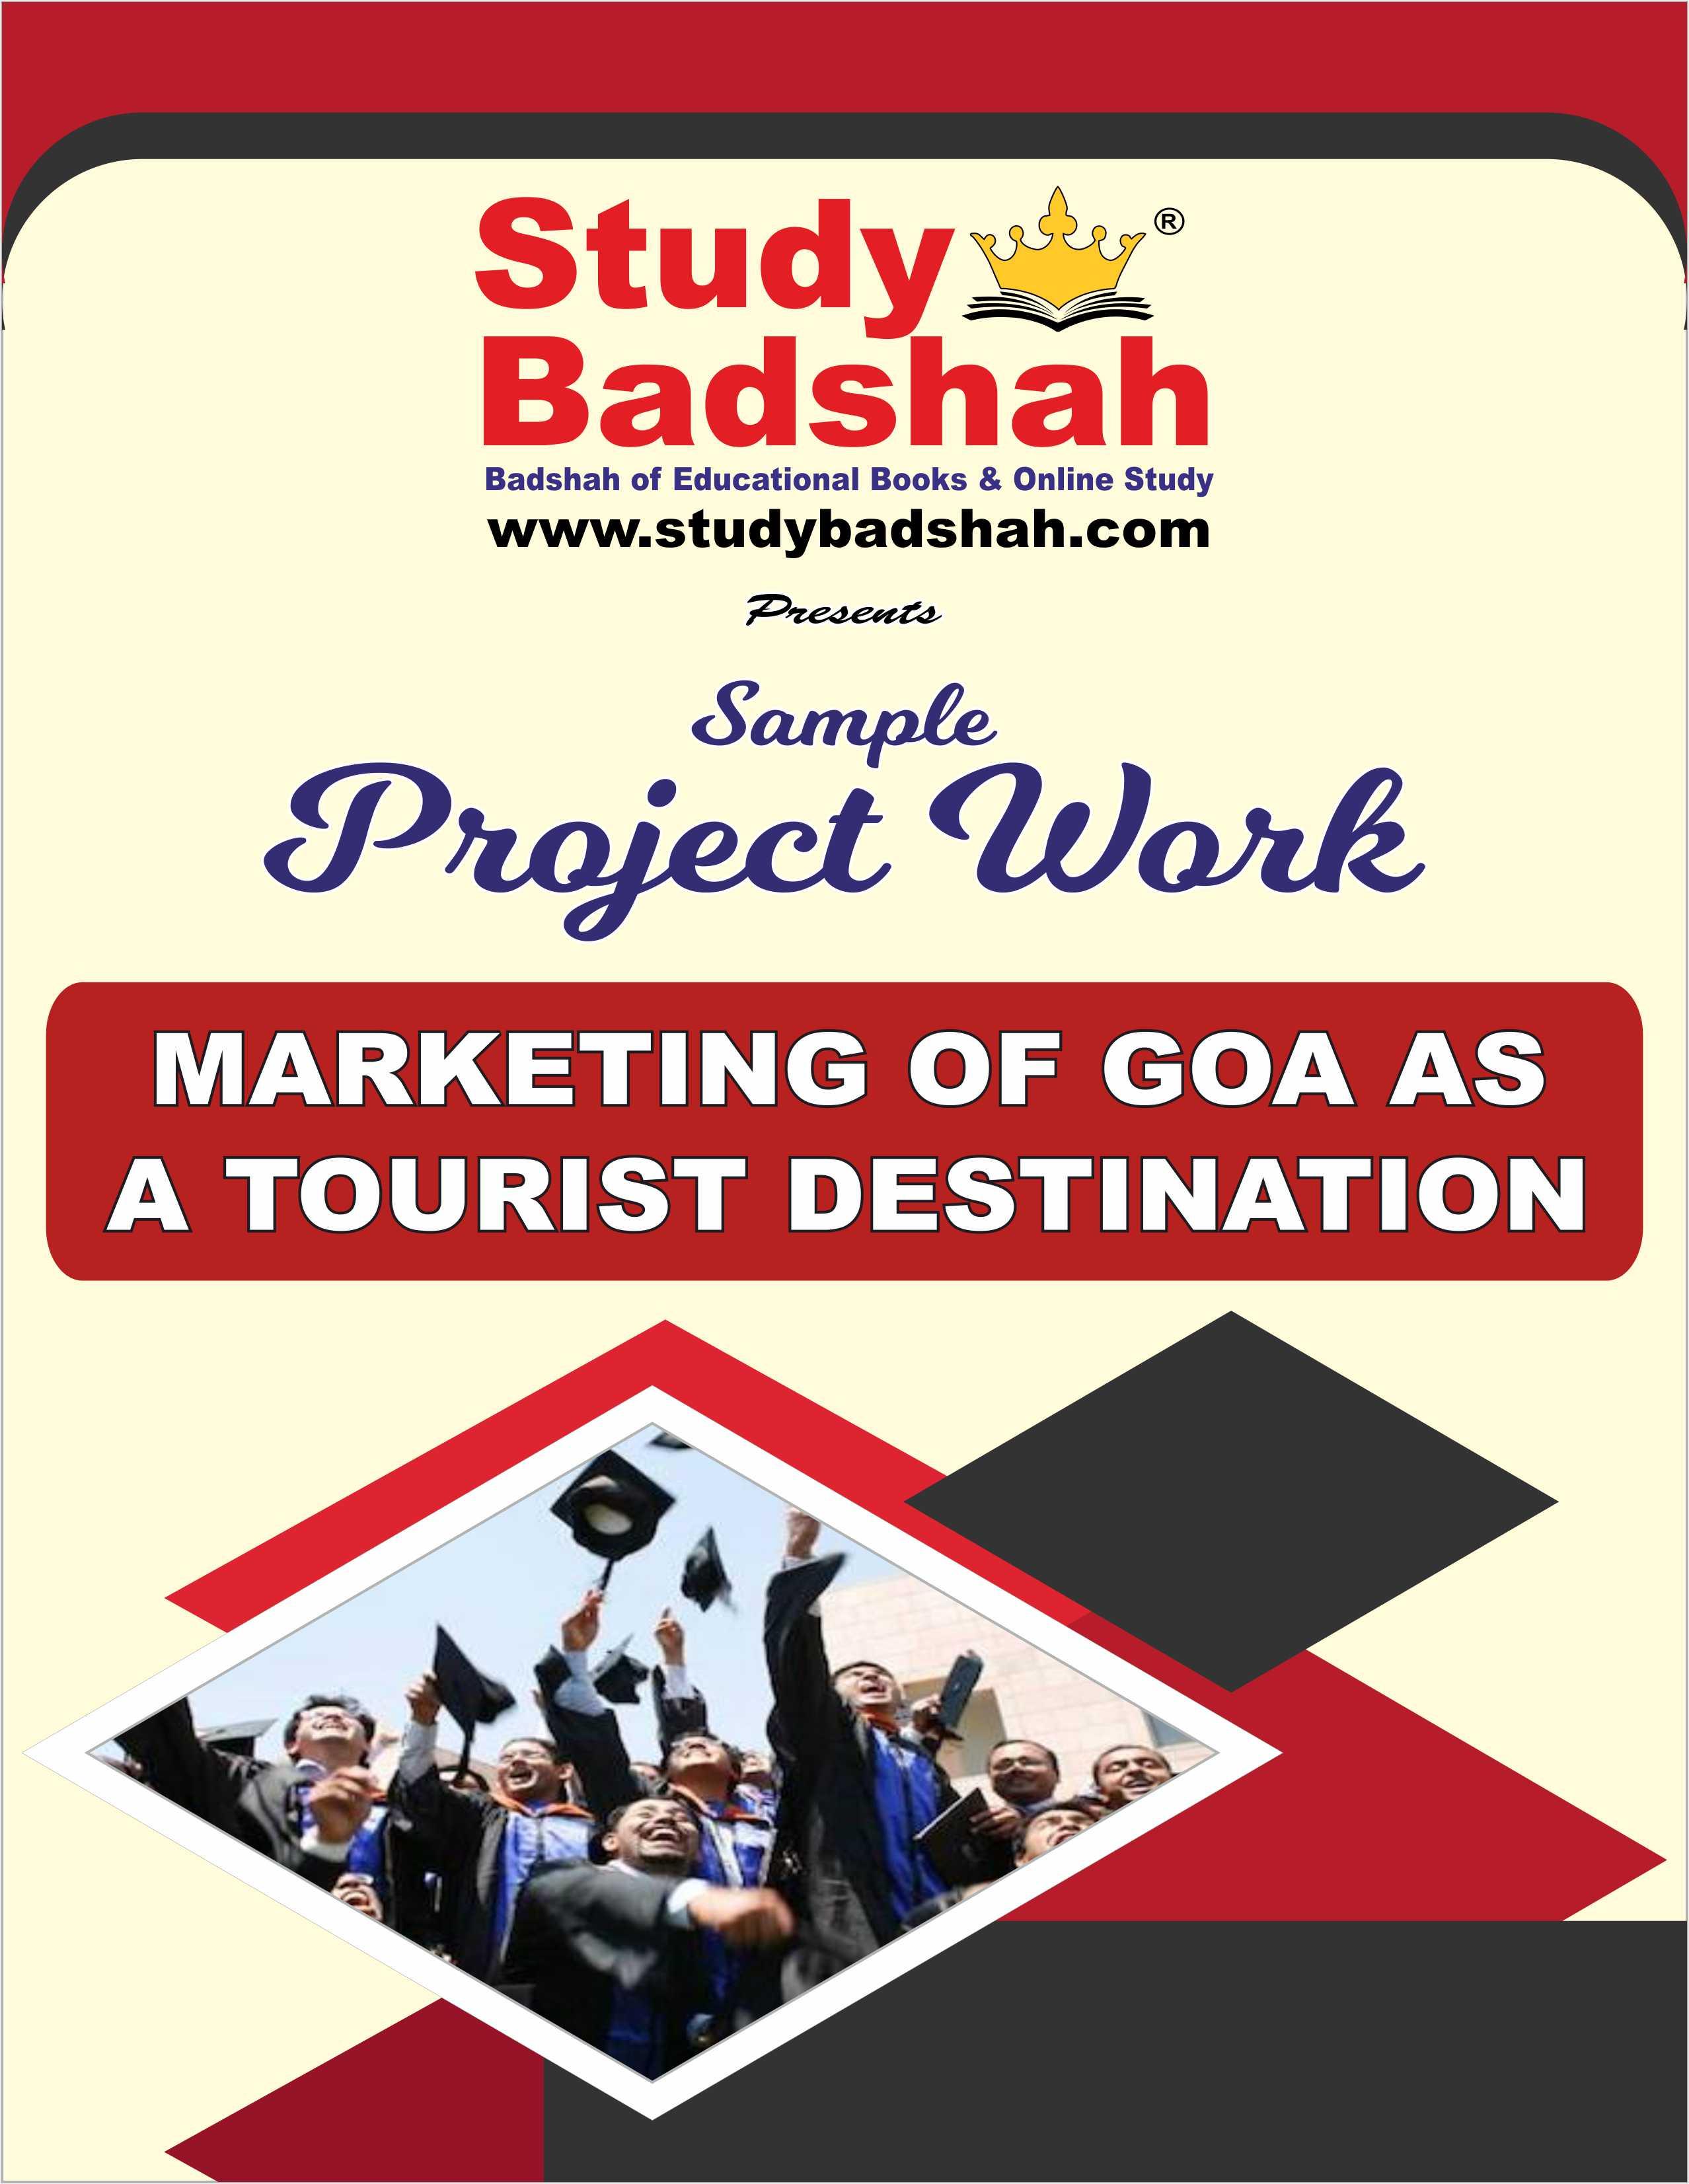 MARKETING OF GOA AS A TOURIST DESTINATION